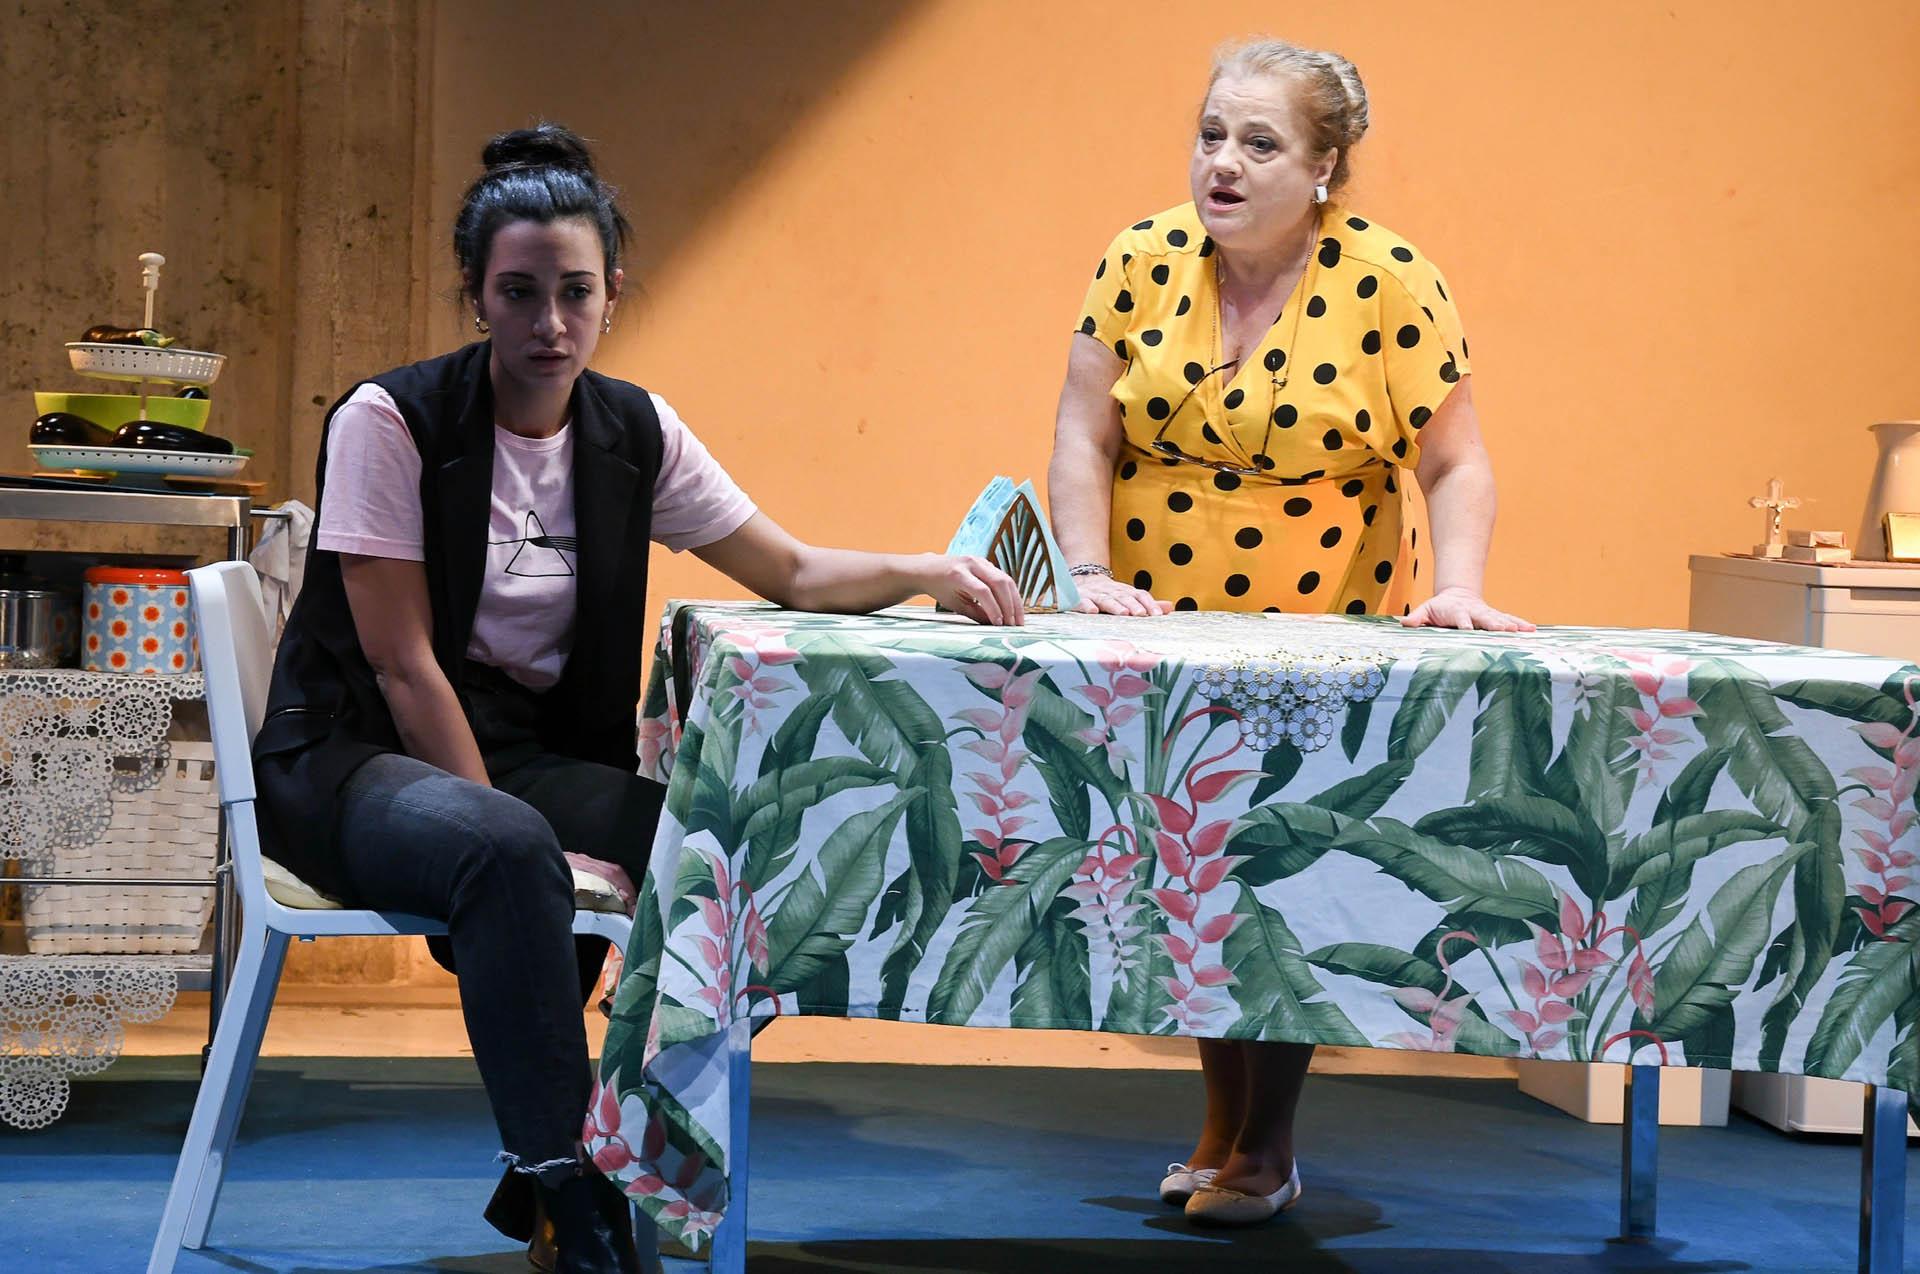 Μαμά στο Θέατρο Κατερίνα Βασιλάκου, κριτική παράστασης